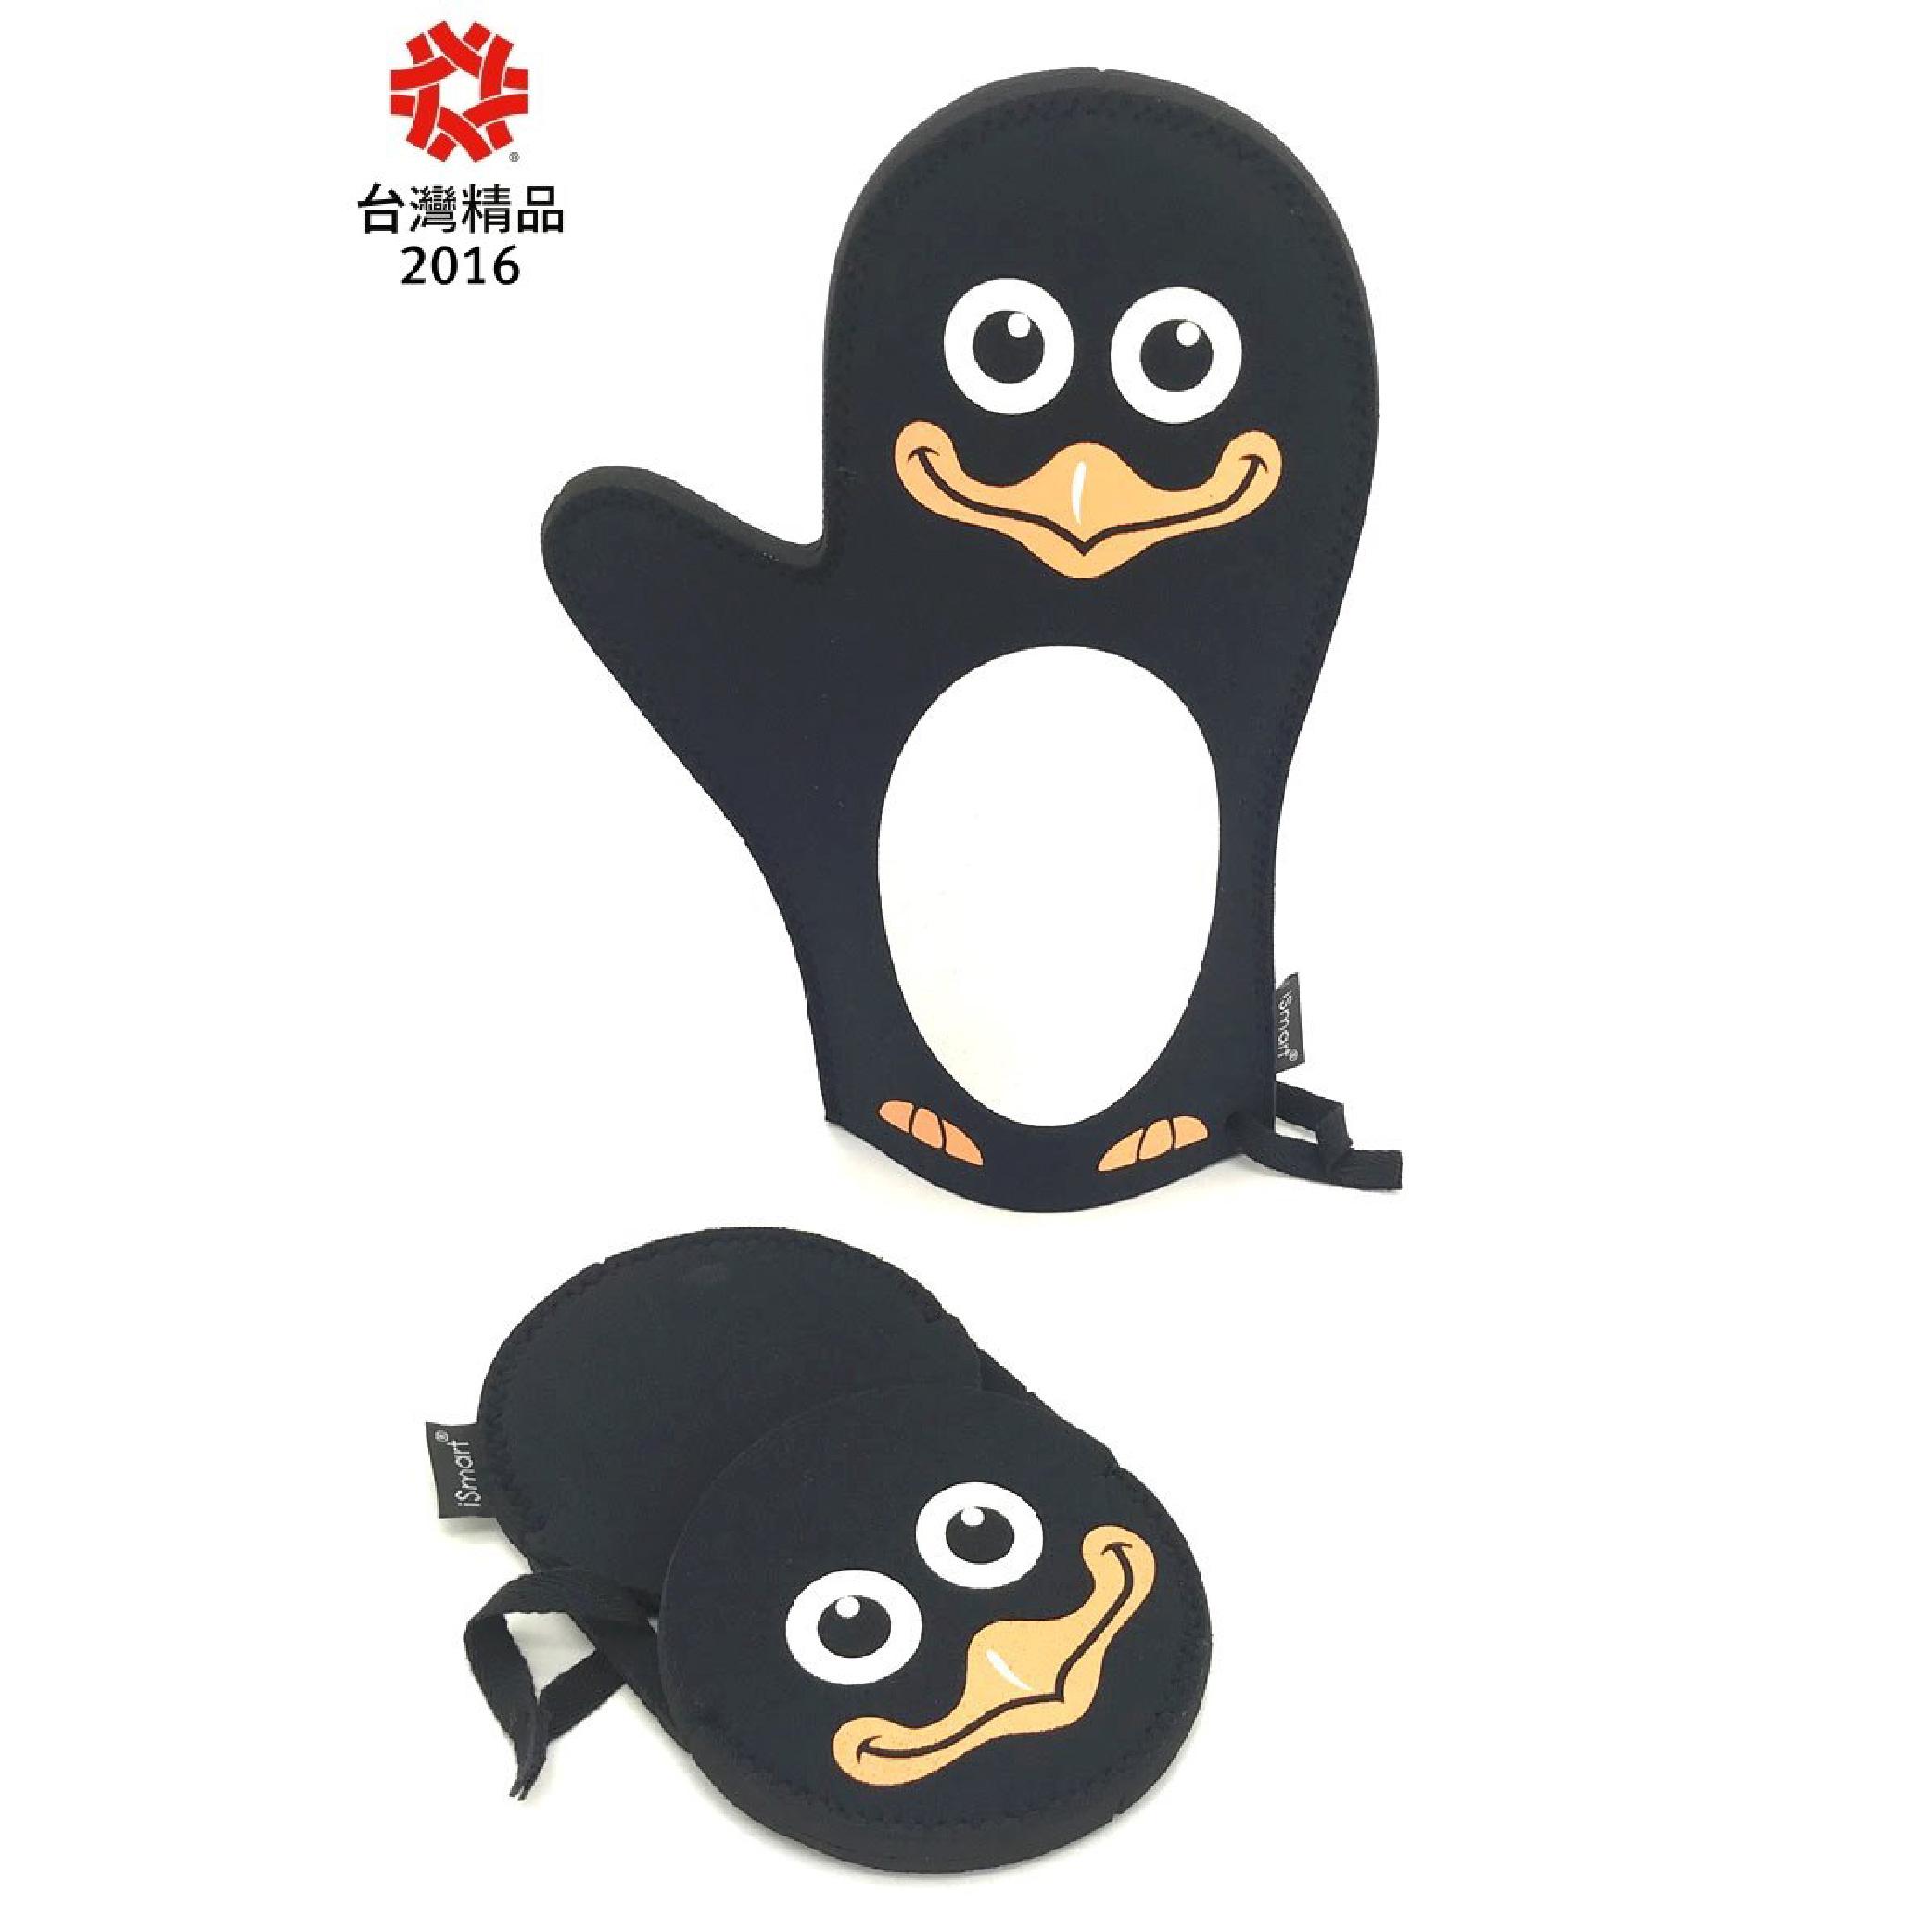 耐熱ミトン 鍋つか セット 全品送料無料 耐熱グローブ オープンミトン ダイビングクロス製 耐熱 断熱 台湾直送 定番から日本未入荷 キッチングッズ 防水 ペンギン iSmart 収納 滑り止め